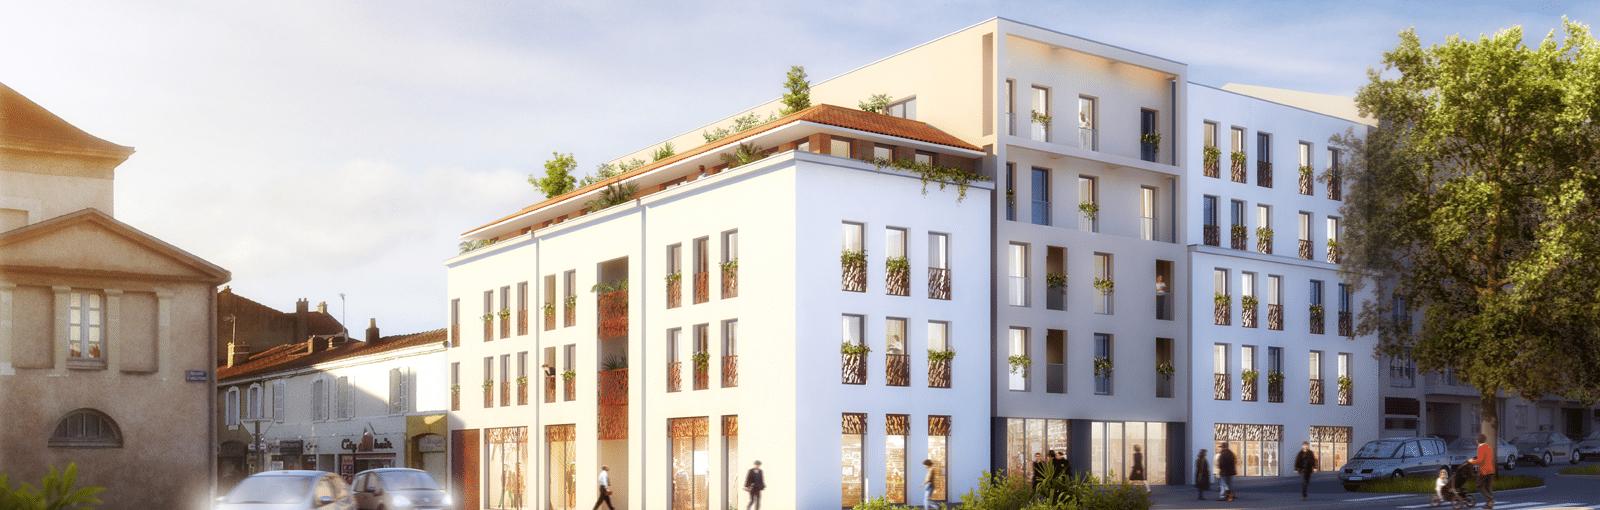 pg_slider_villa-des-arts_vue_exterieure_facade_1600x510